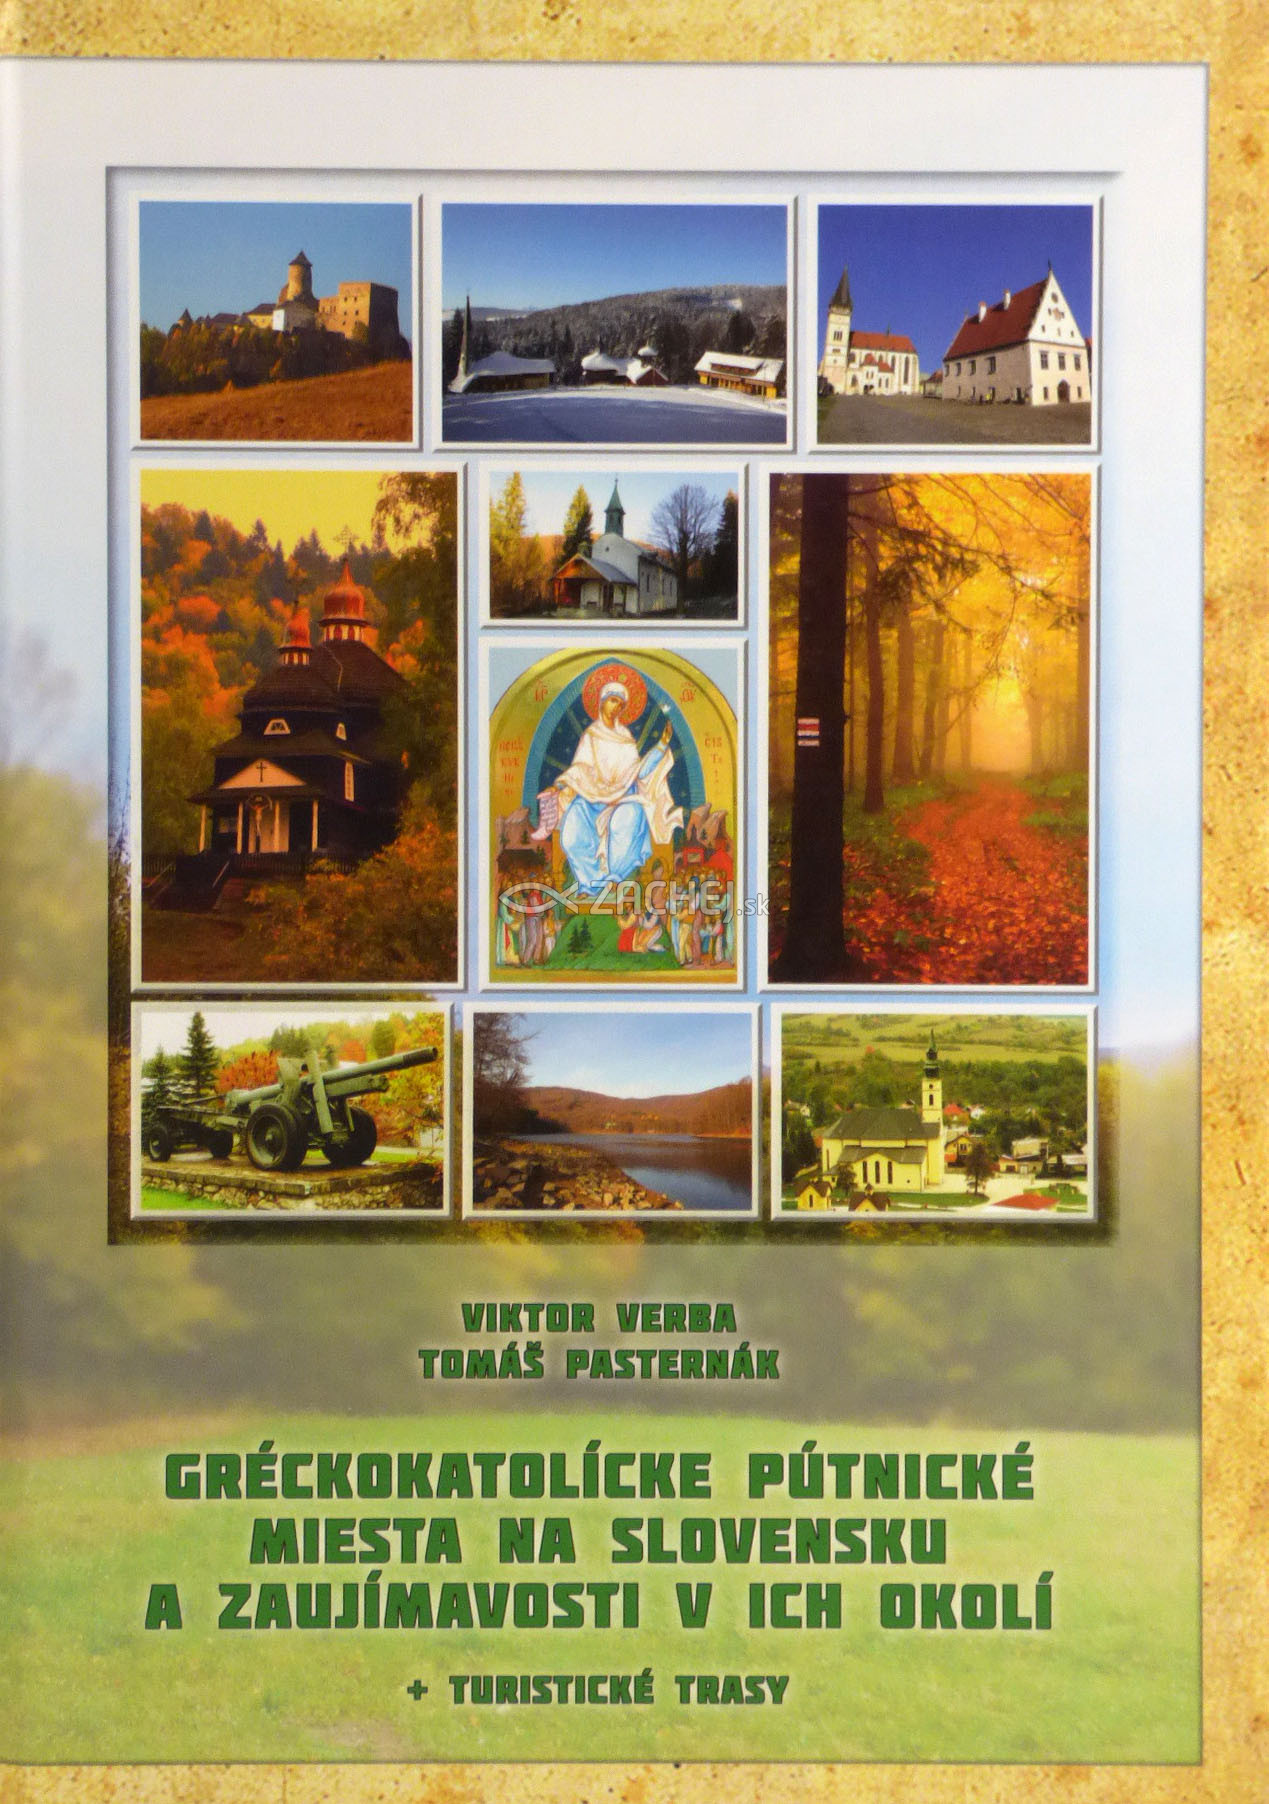 Gréckokatolícke pútnické miesta na Slovensku a zaujímavosti v ich okolí